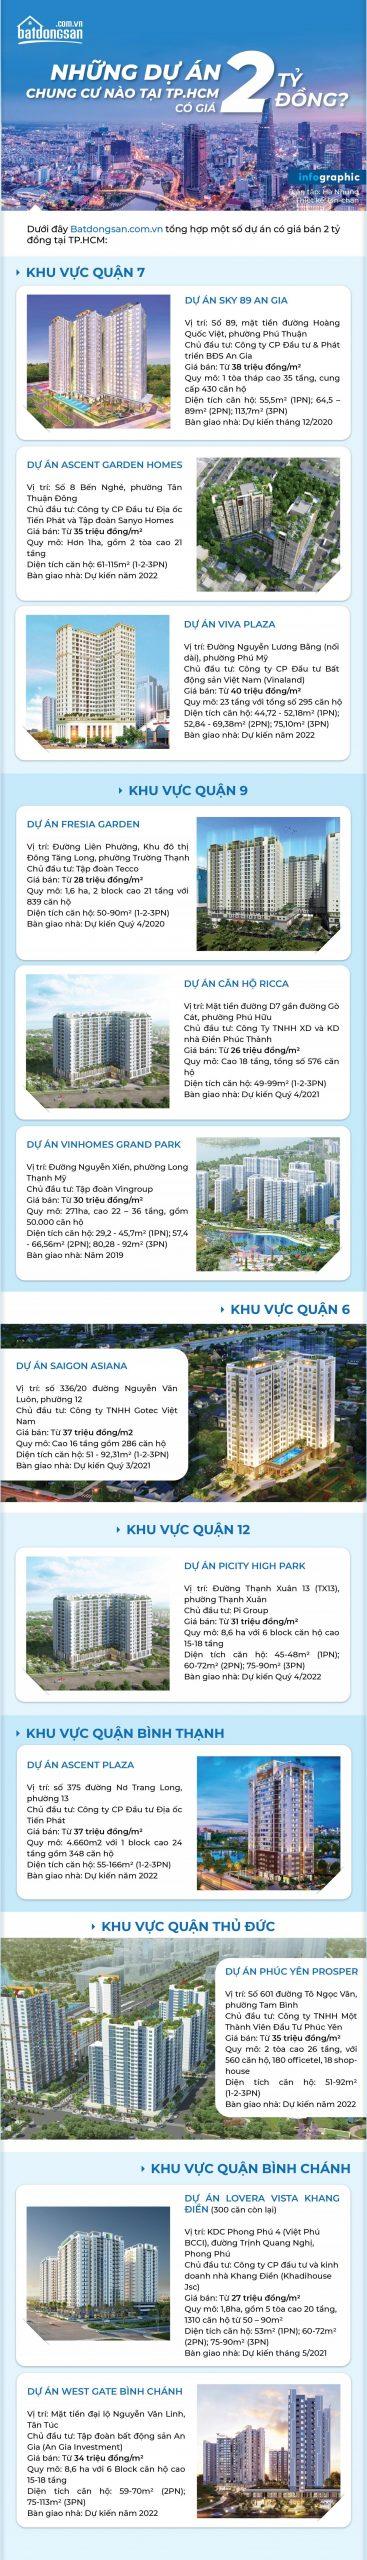 Danh sách dự án căn hộ chung cư trên dưới 2 tỷ Hồ Chí Minh 2020